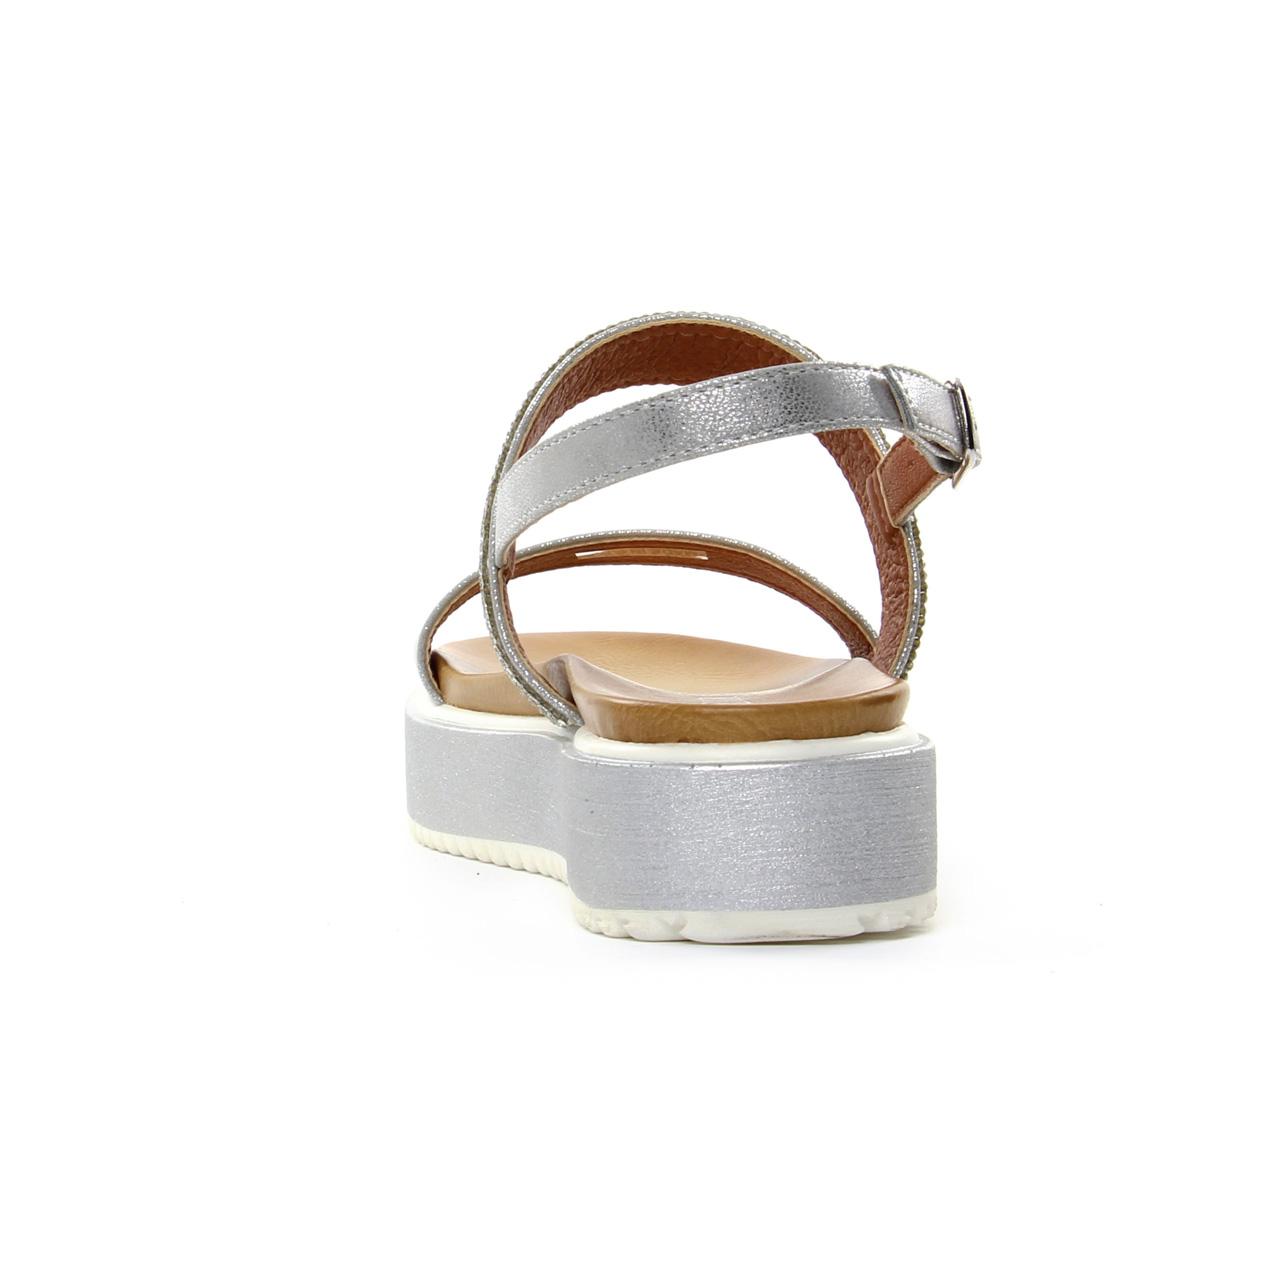 612c7c08338 sandales compensées gris argent mode femme printemps été vue 7